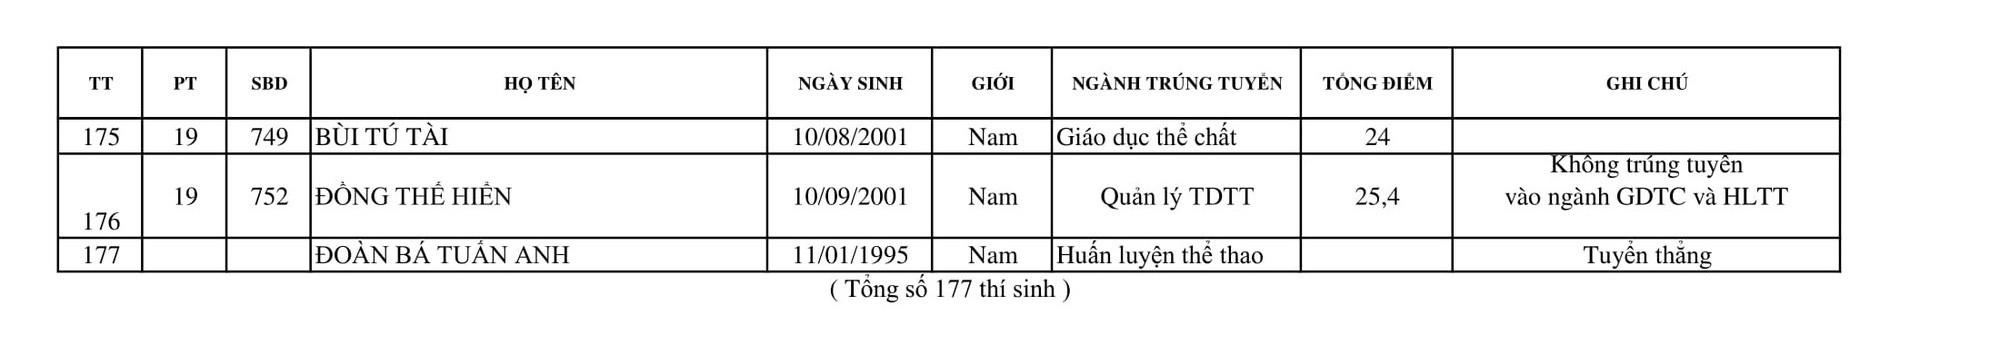 Trường Đại học Thể dục Thể thao Bắc Ninh công bố điểm chuẩn và danh sách trúng tuyển 2019 - Ảnh 7.